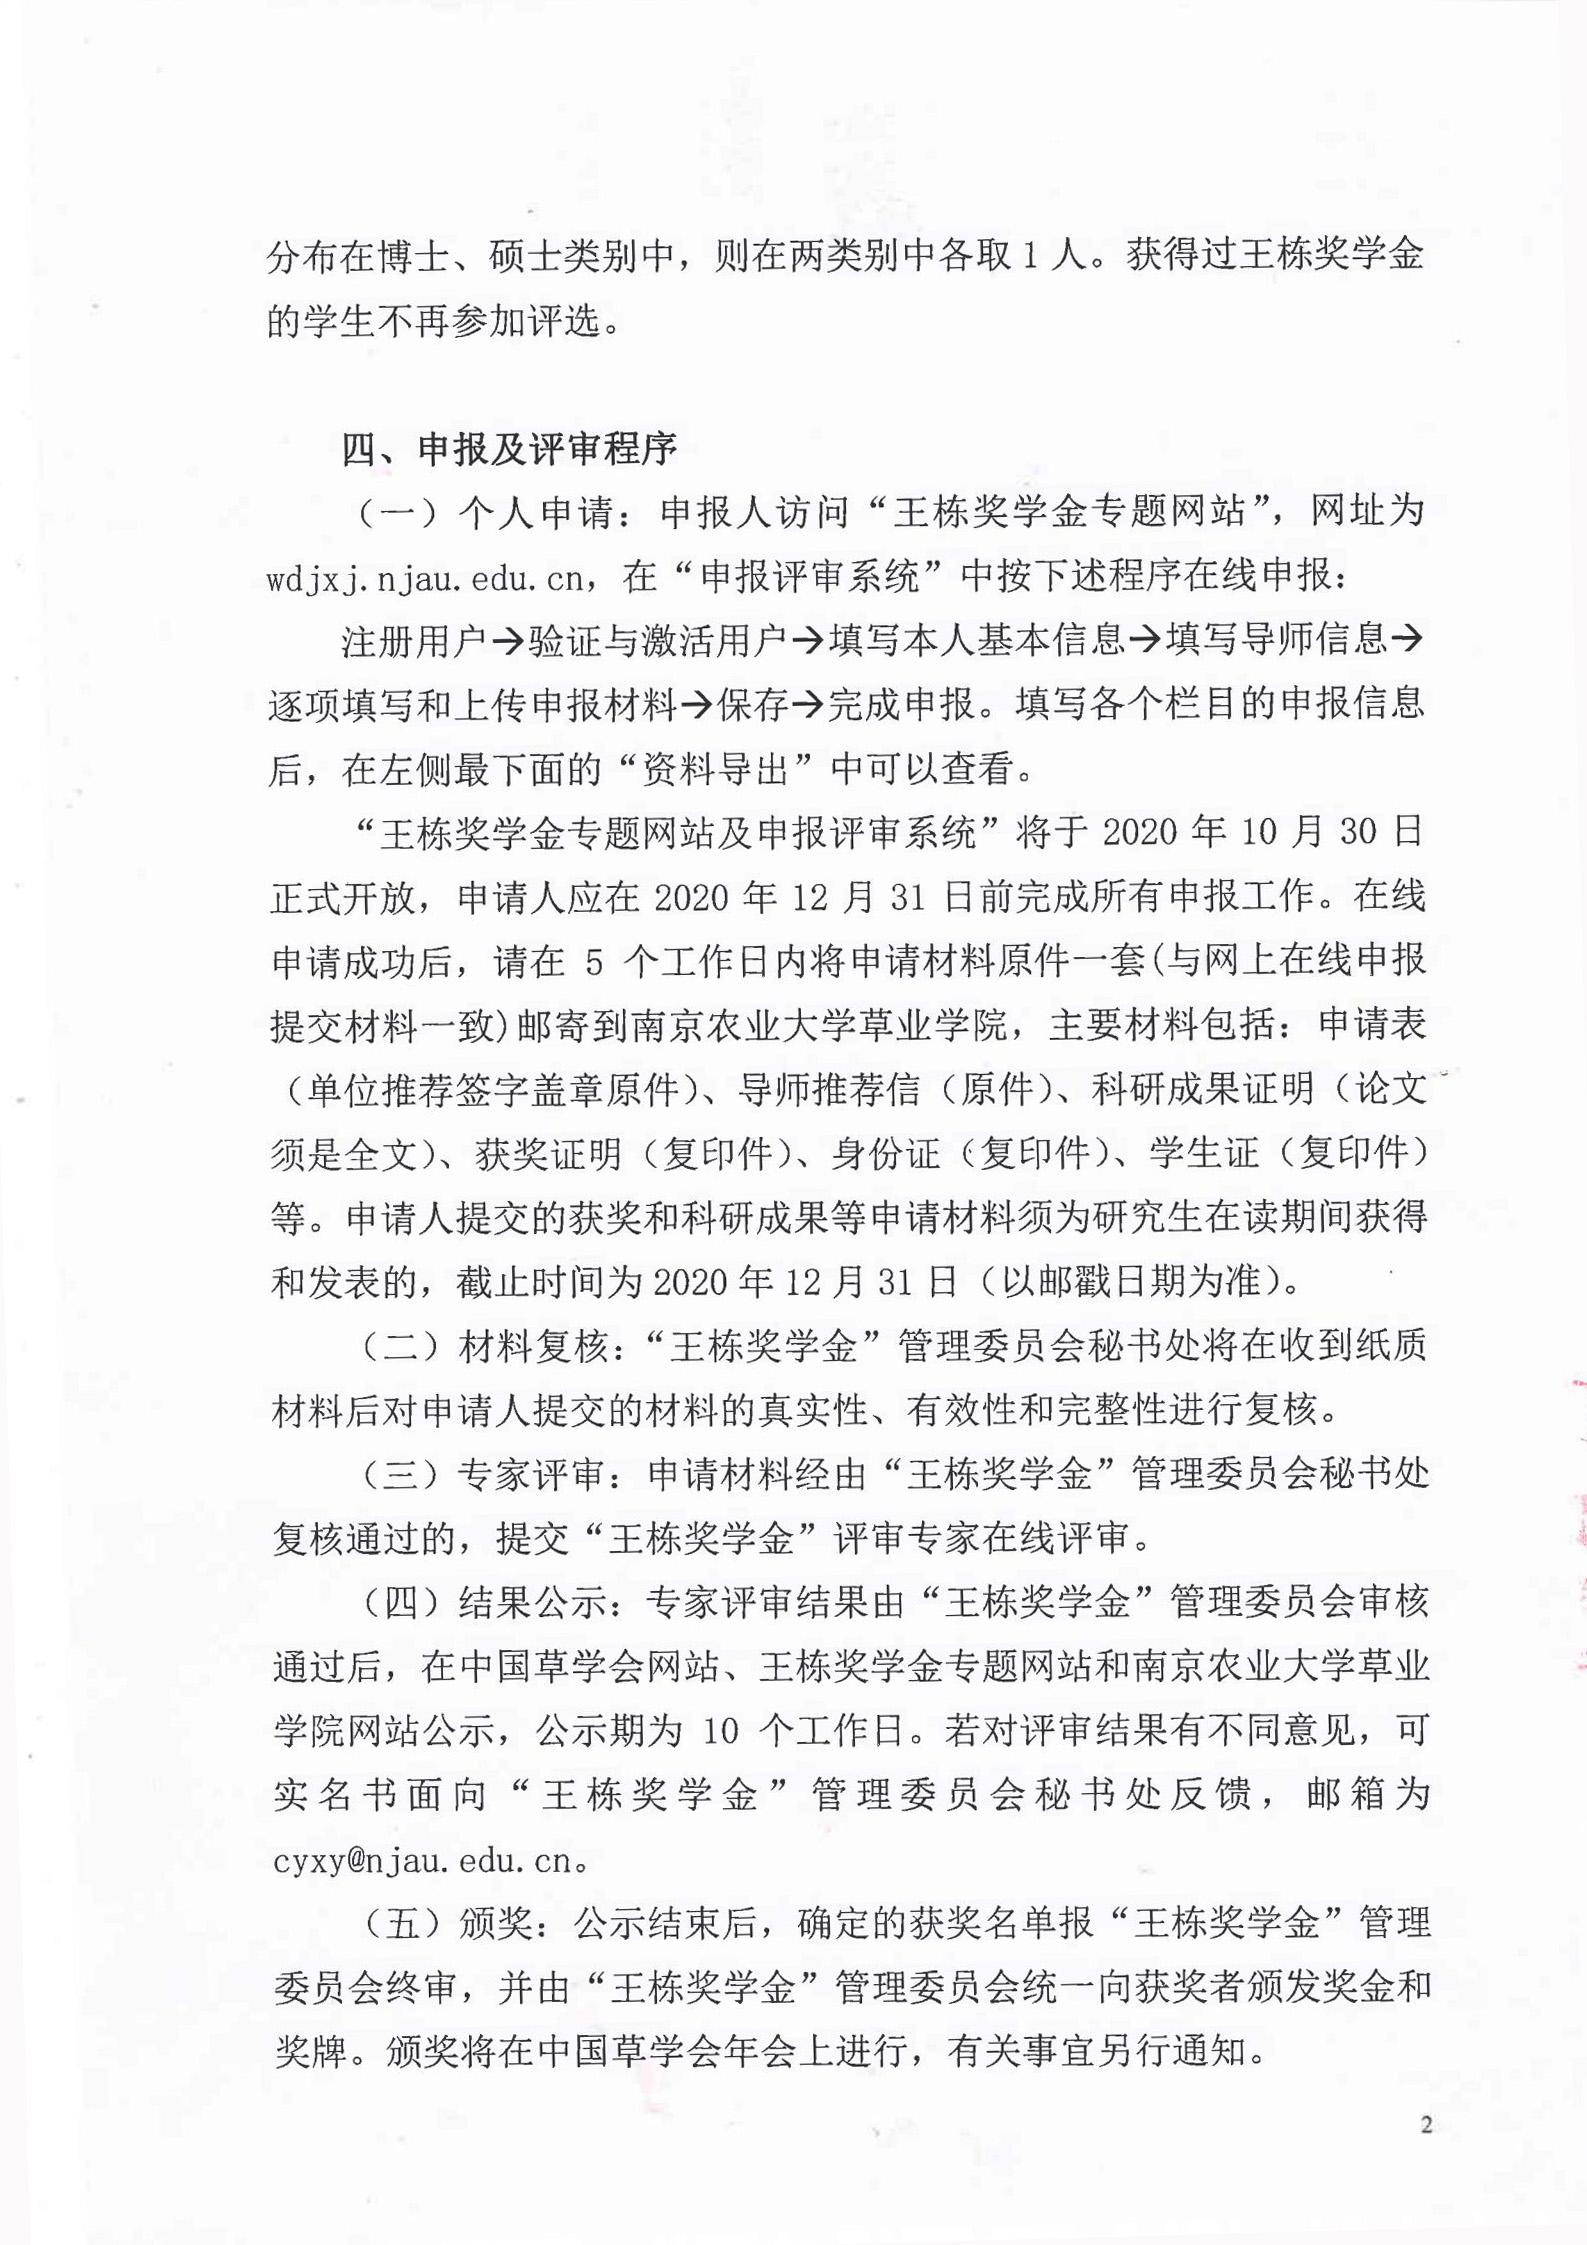 """关于2020年度""""王栋奖学金""""申报评审工作的通知(合并完整版)_01 拷贝.jpg"""